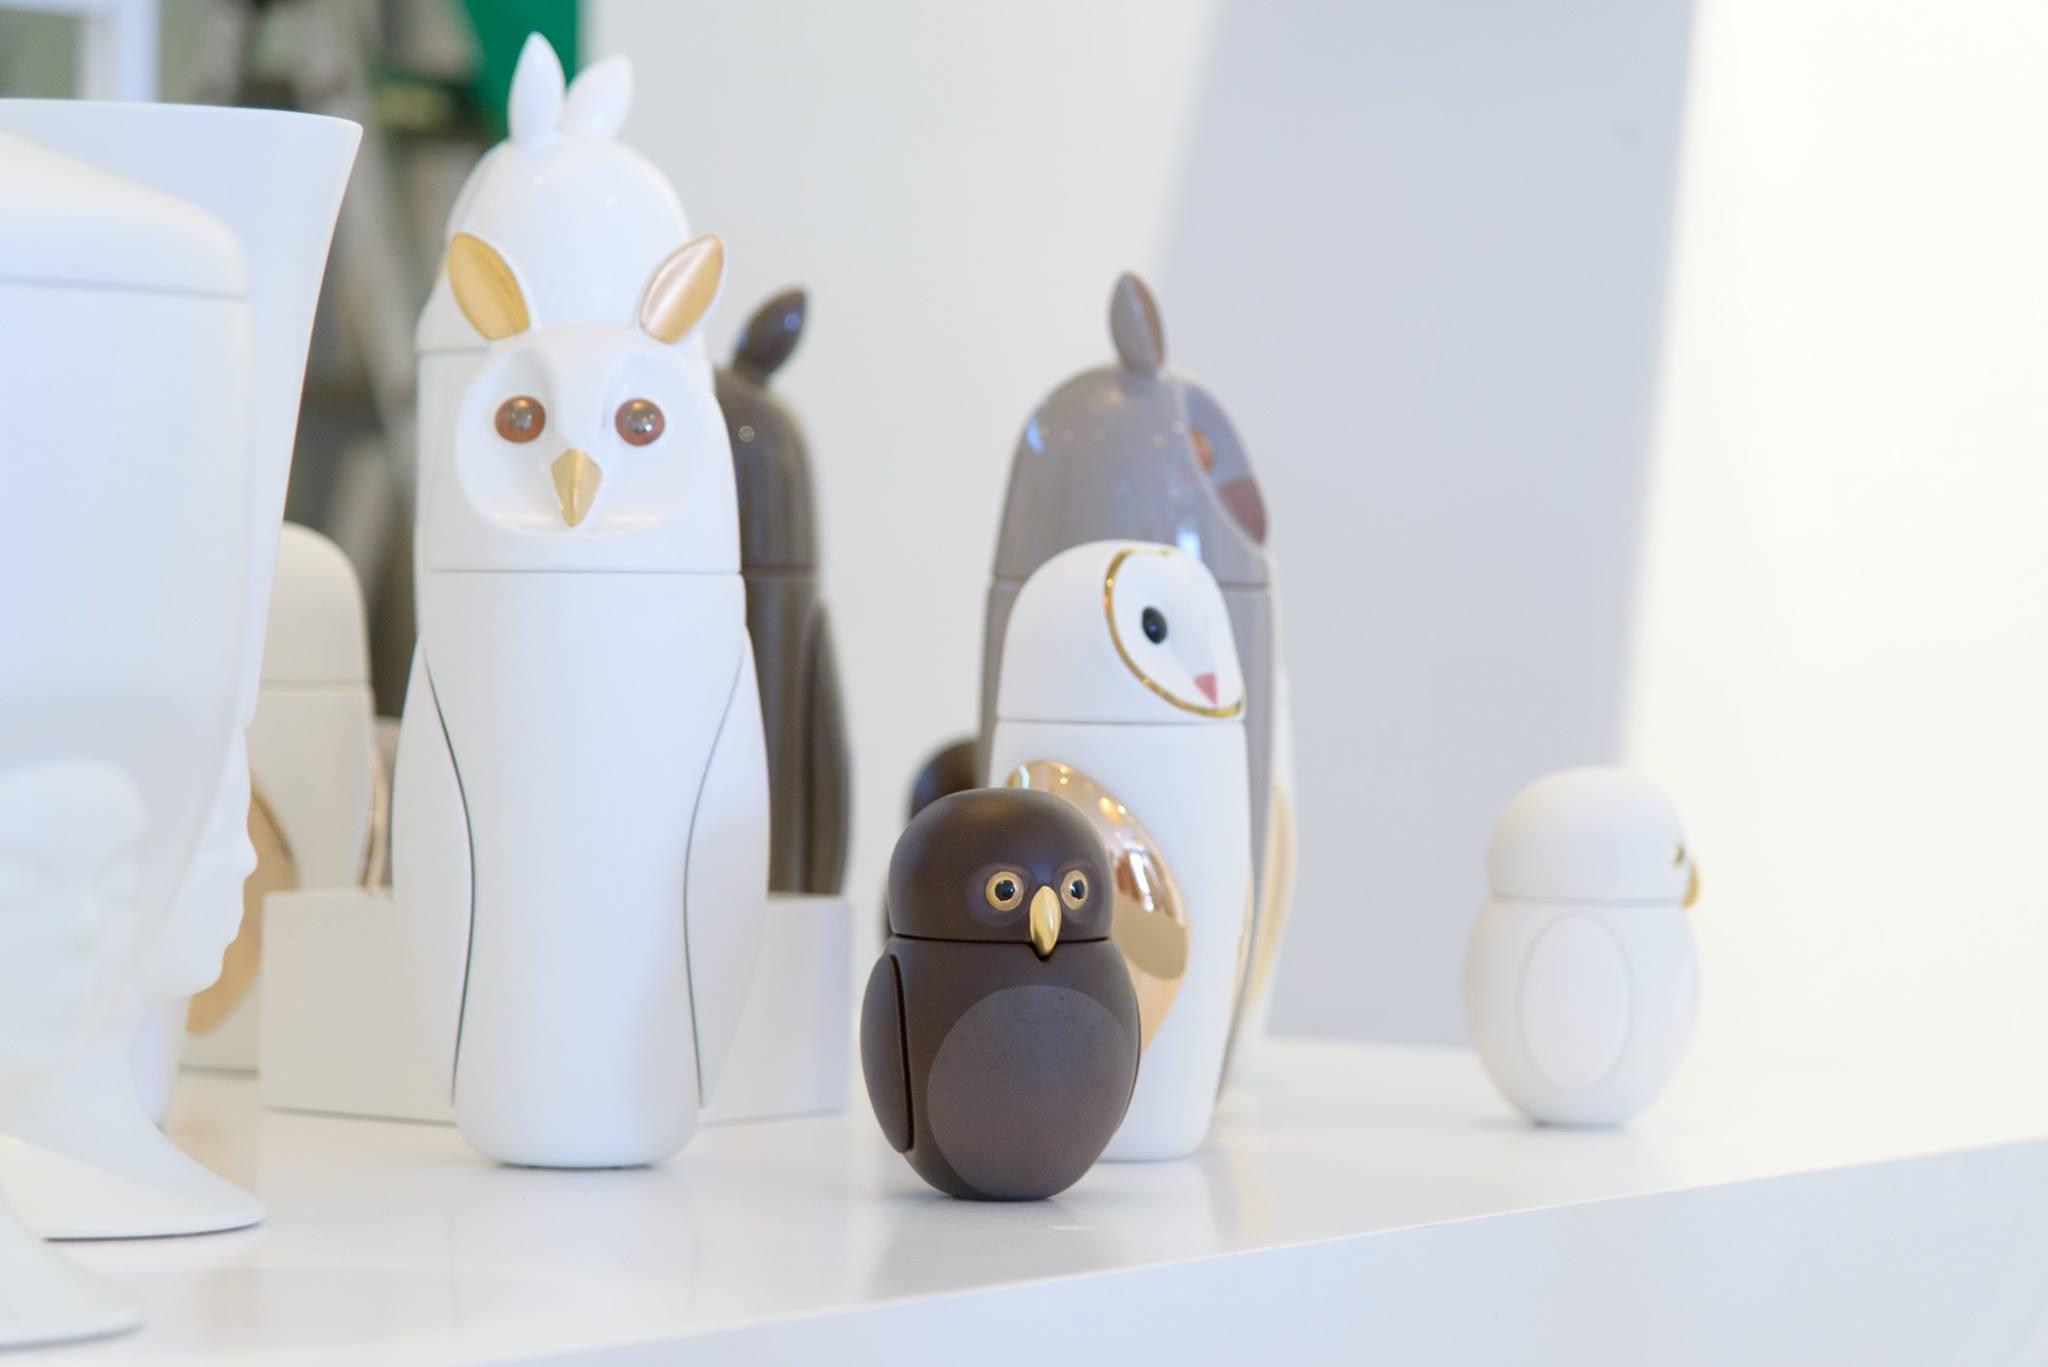 Le irresistibili idee-regalo Bosa per impreziosire la tua casa